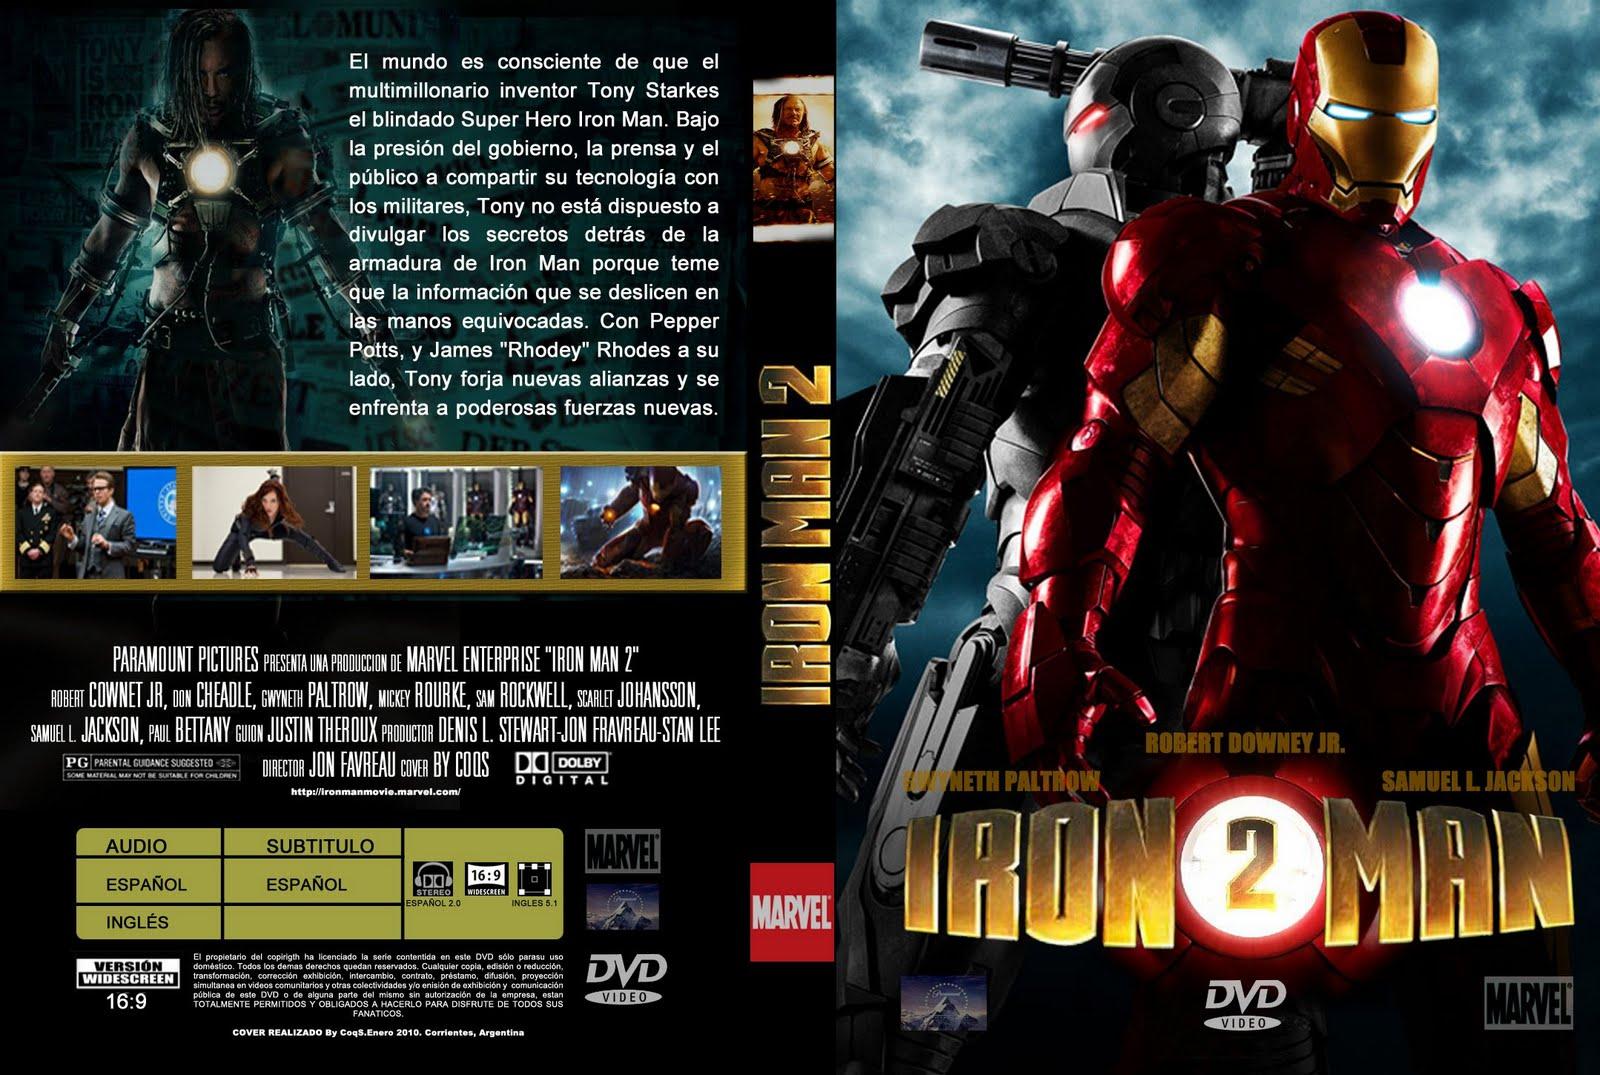 http://4.bp.blogspot.com/_lydfMGZXAsw/TIzTOY8gn5I/AAAAAAAAAG8/6n0NYQa77x4/s1600/IRON+MAN+2.jpg